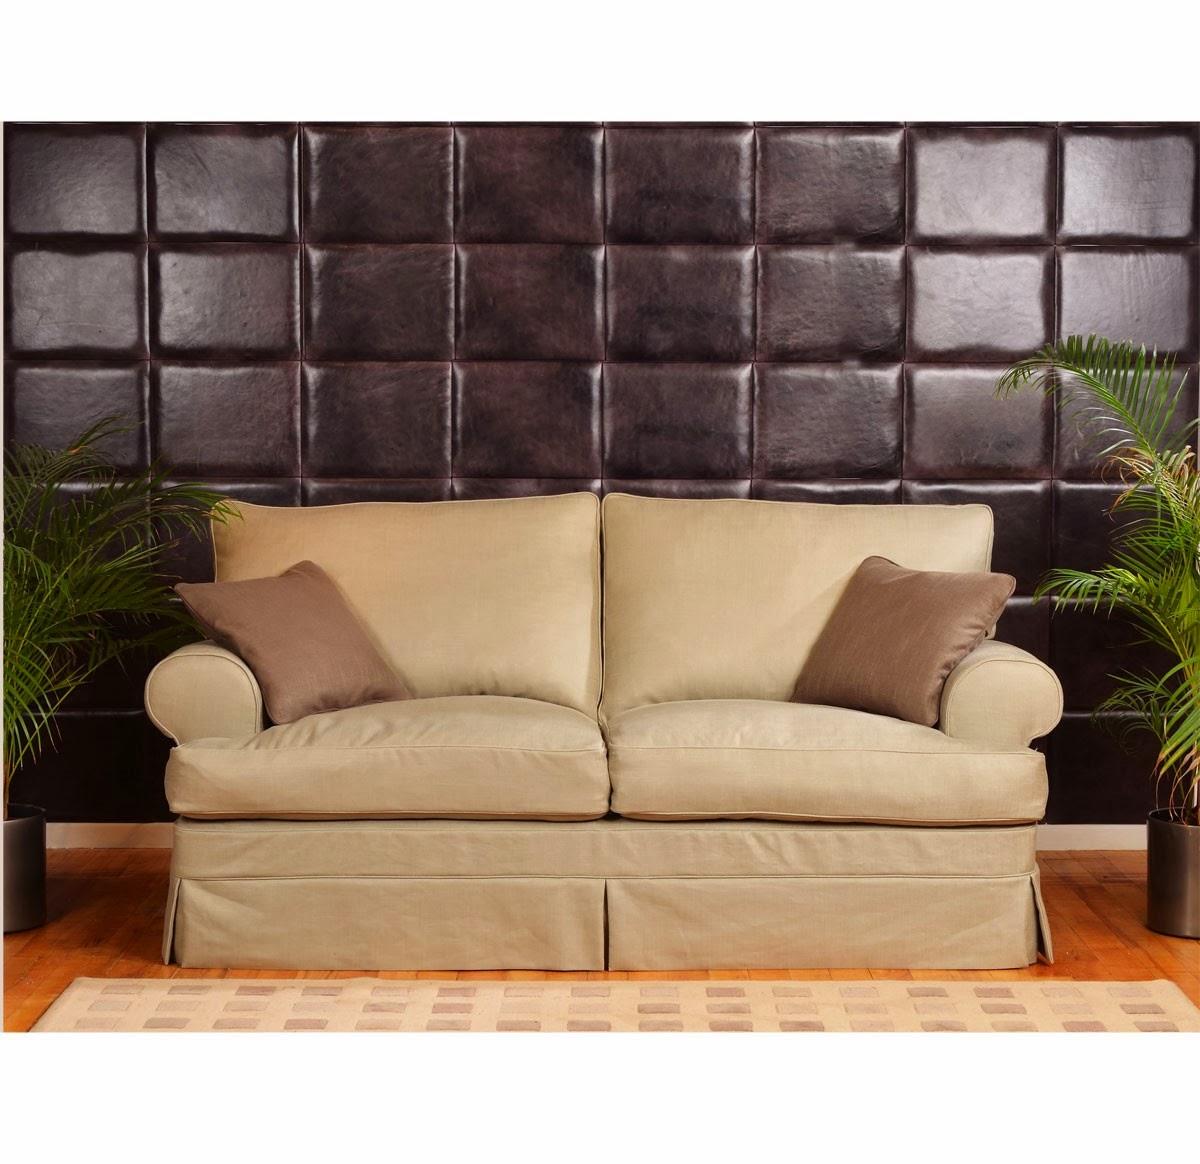 Tapizado de muebles tapiceria de muebles reparacion for Tapizado de muebles